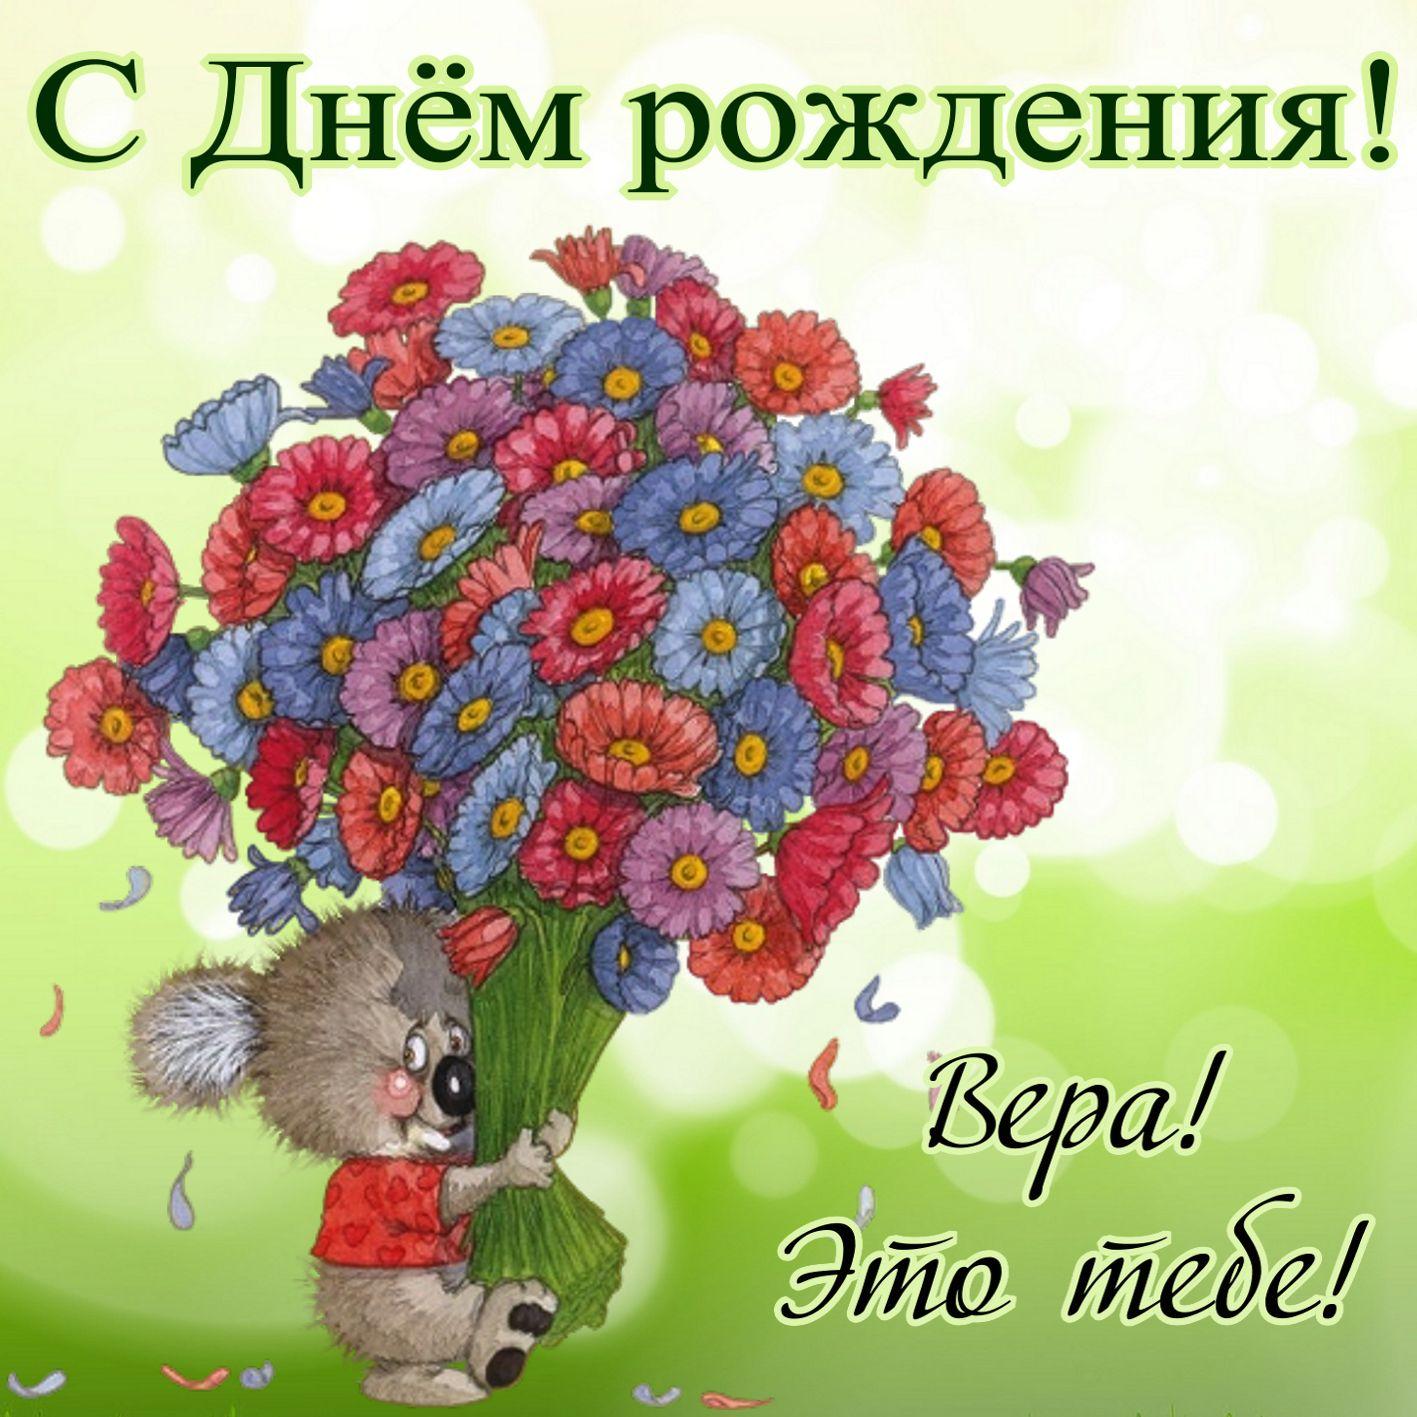 Открытка на День рождения Вере - маленький мышонок с огромным букетом